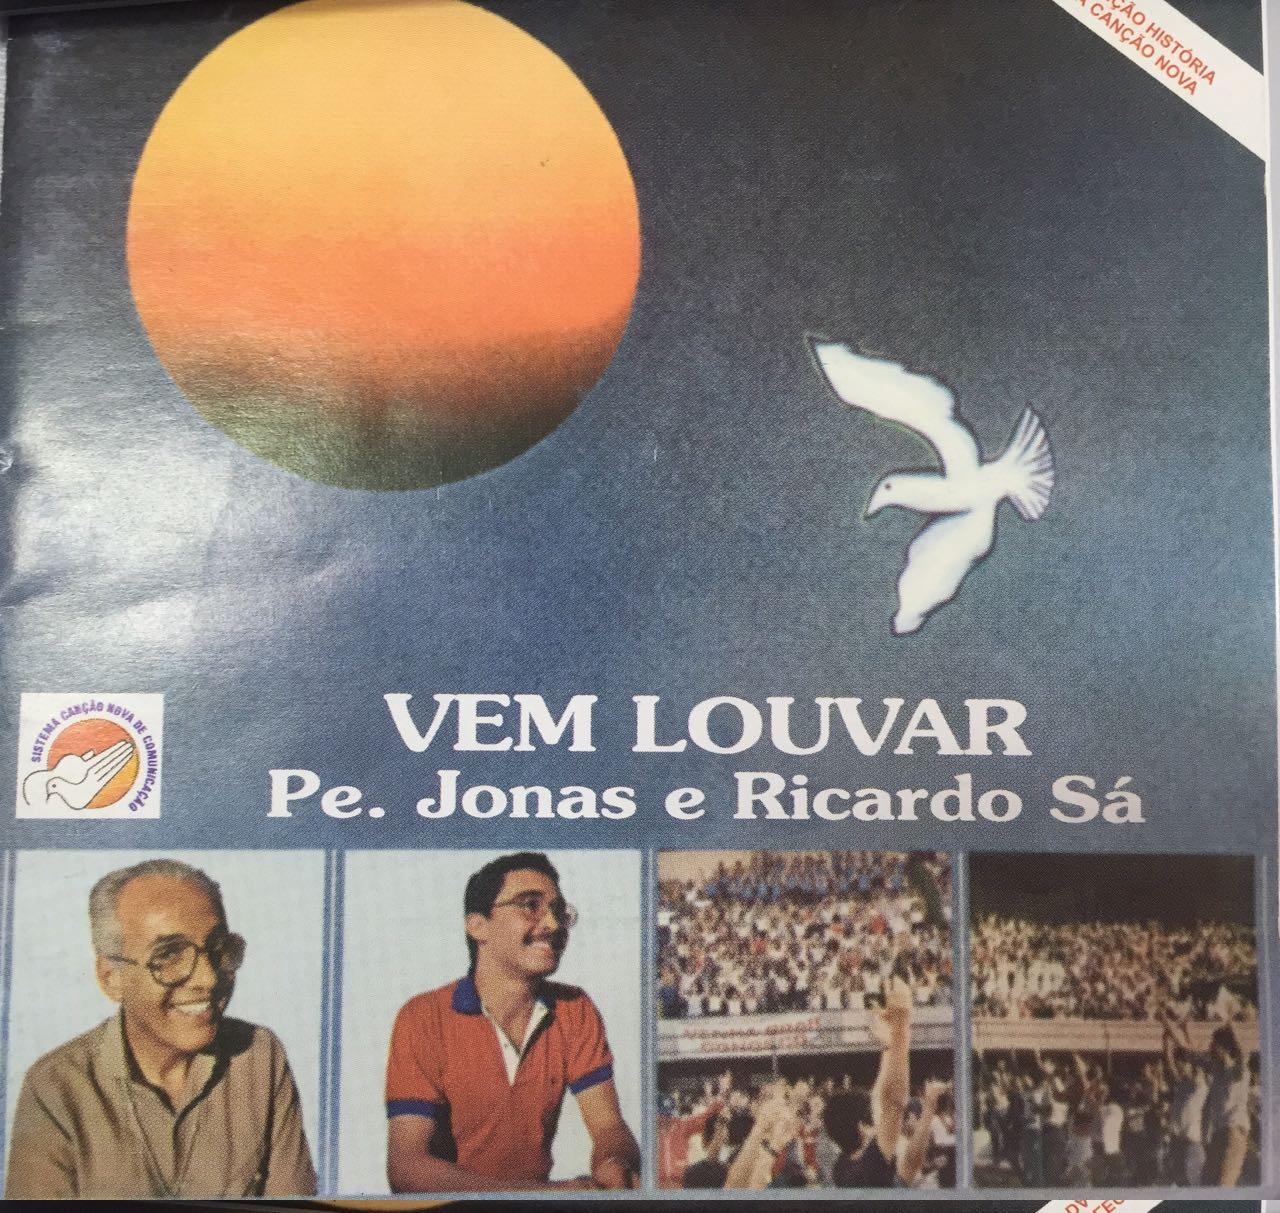 Vem- Louvar 1986